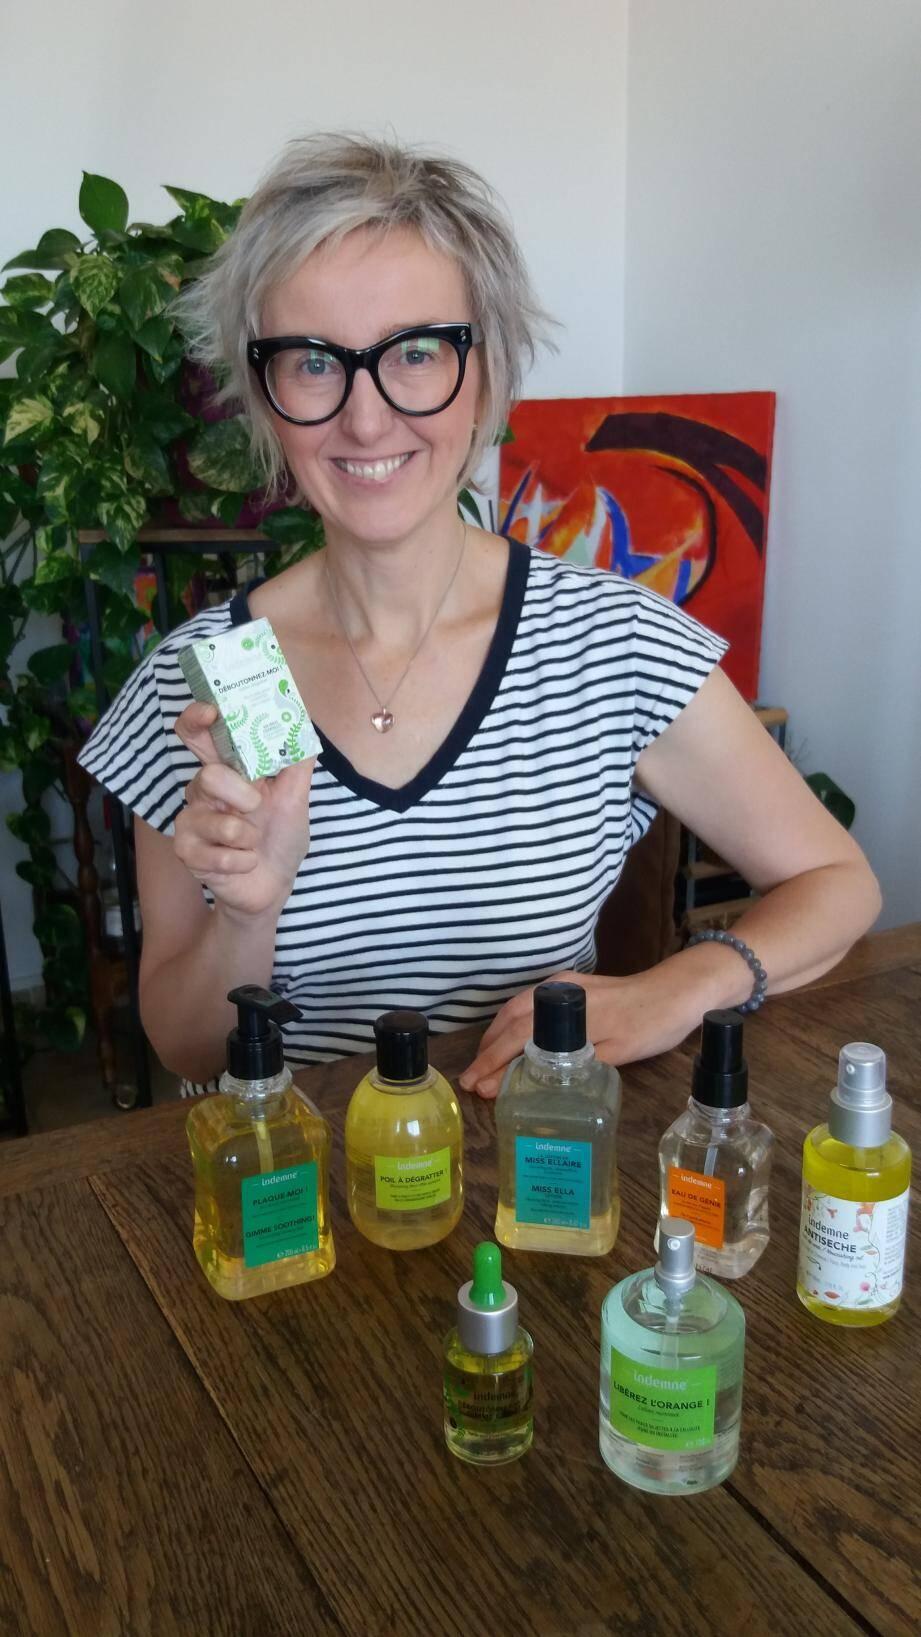 Poil à dégratter, Libérez l'orange... Les produits à base d'huiles essentielles d'Indemne portent tous des noms décalés et humoristiques.